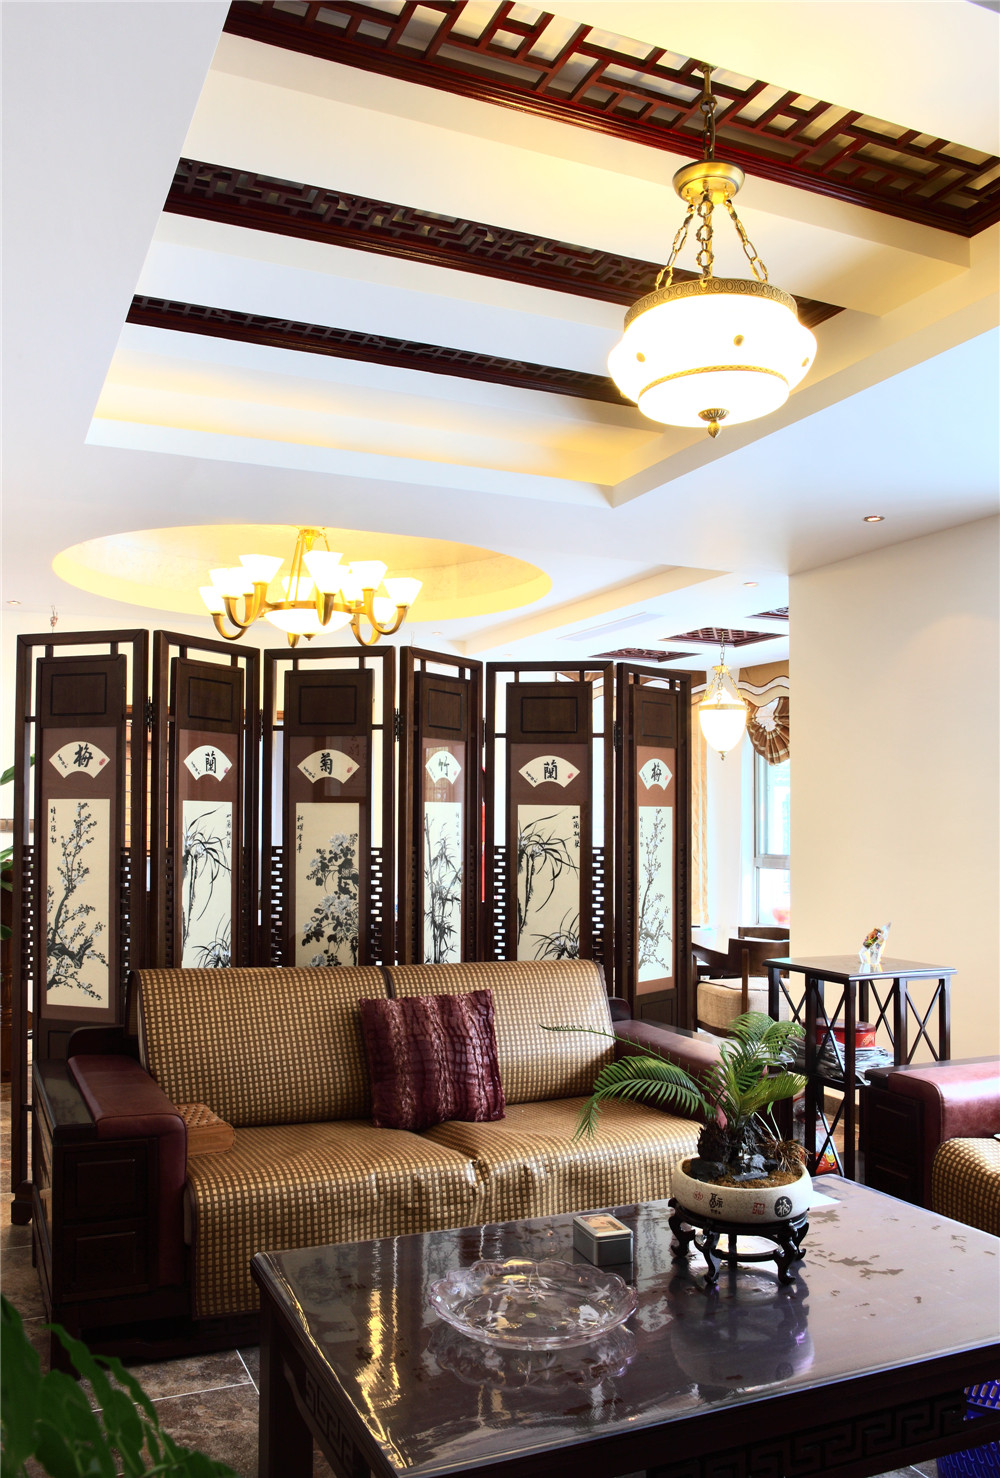 别墅 别墅装修 别墅设计 聚通装璜 实景展示 客厅图片来自jtong0002在别墅里的优雅美式风-实景展示!的分享